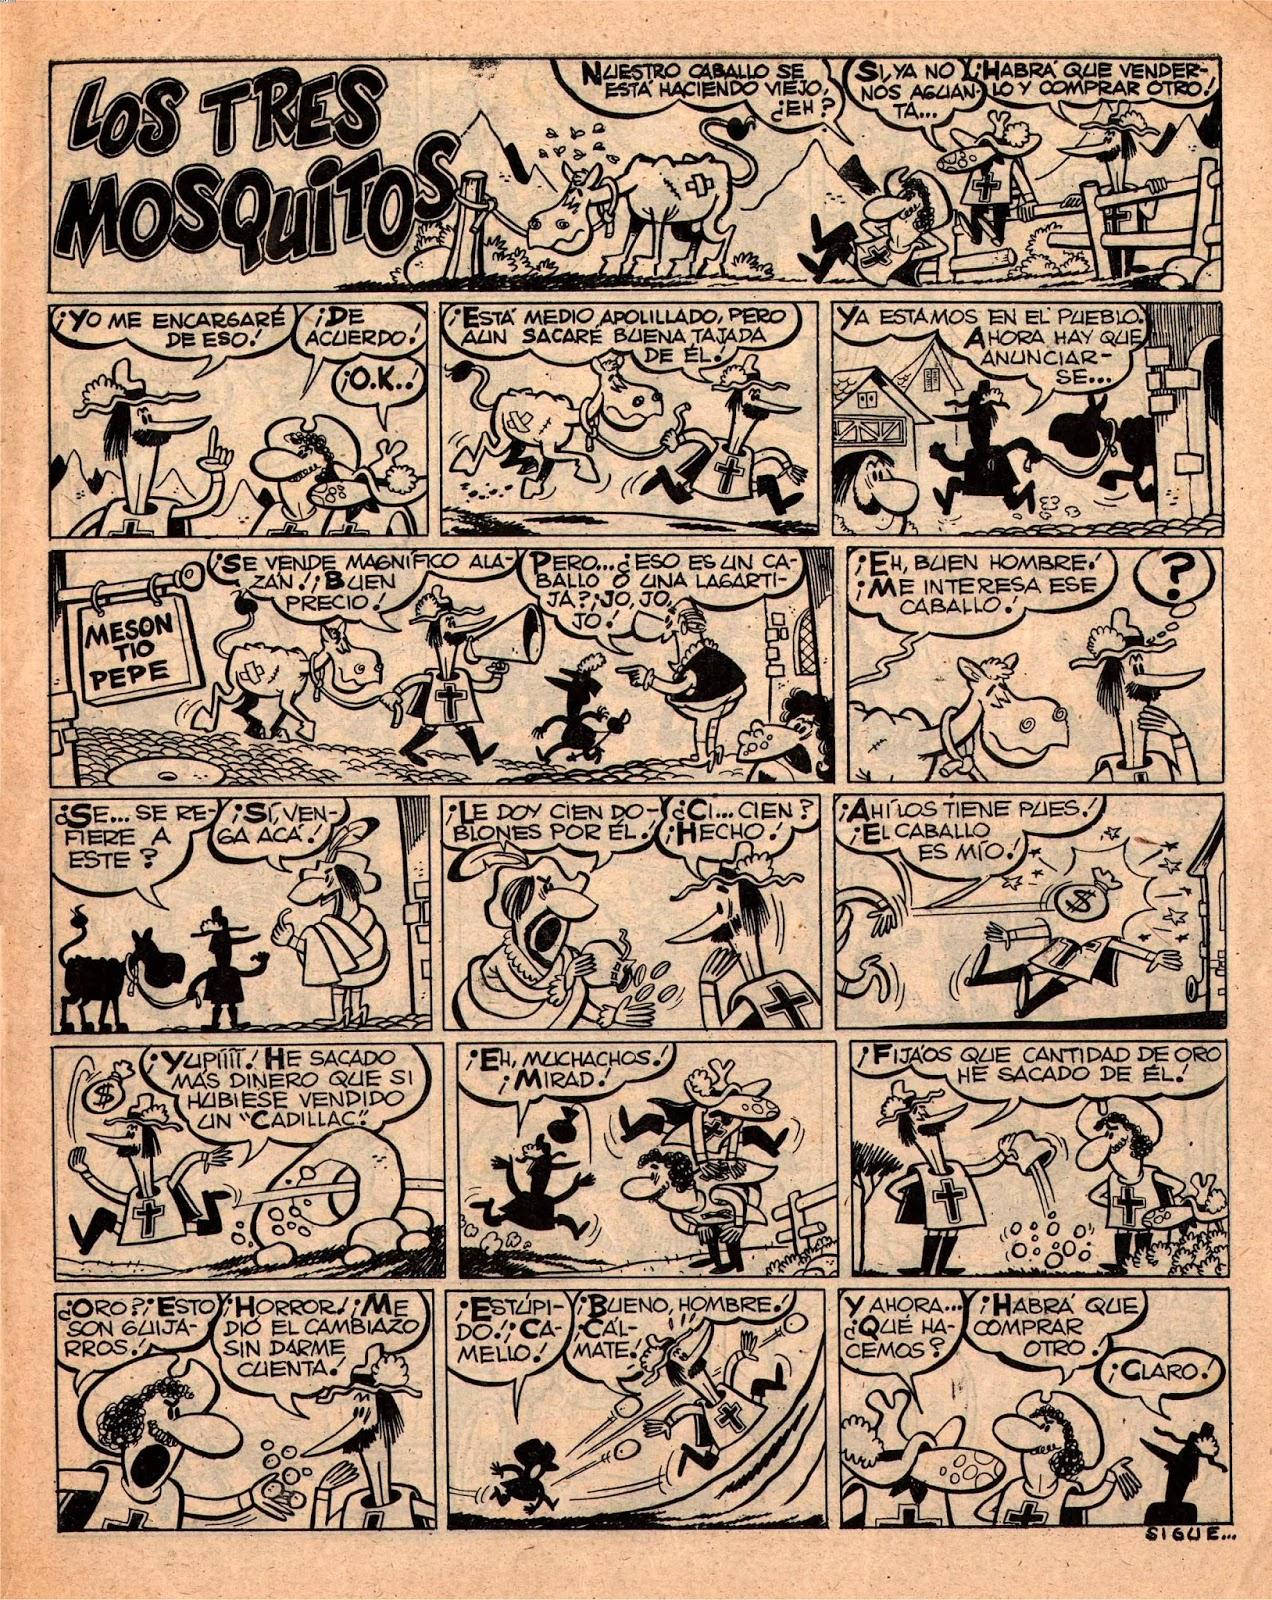 Los Tres Mosquitos, La Risa 2ª 185